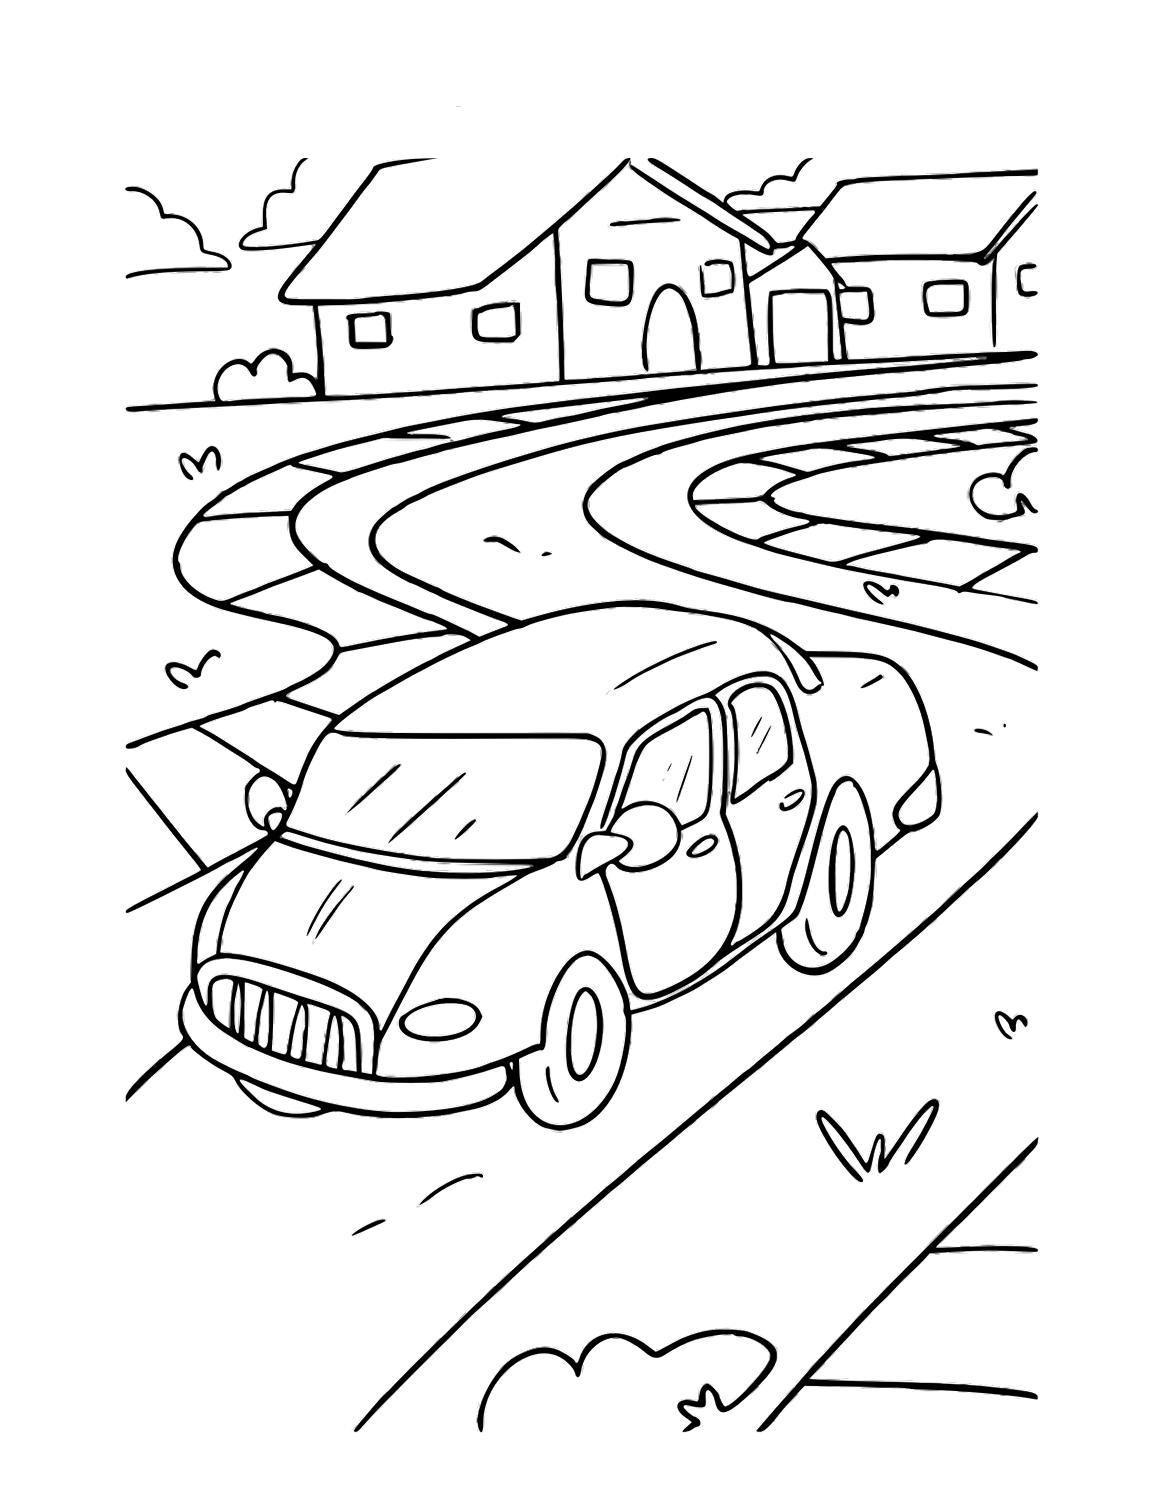 Tranh tô màu ô tô con trên đường